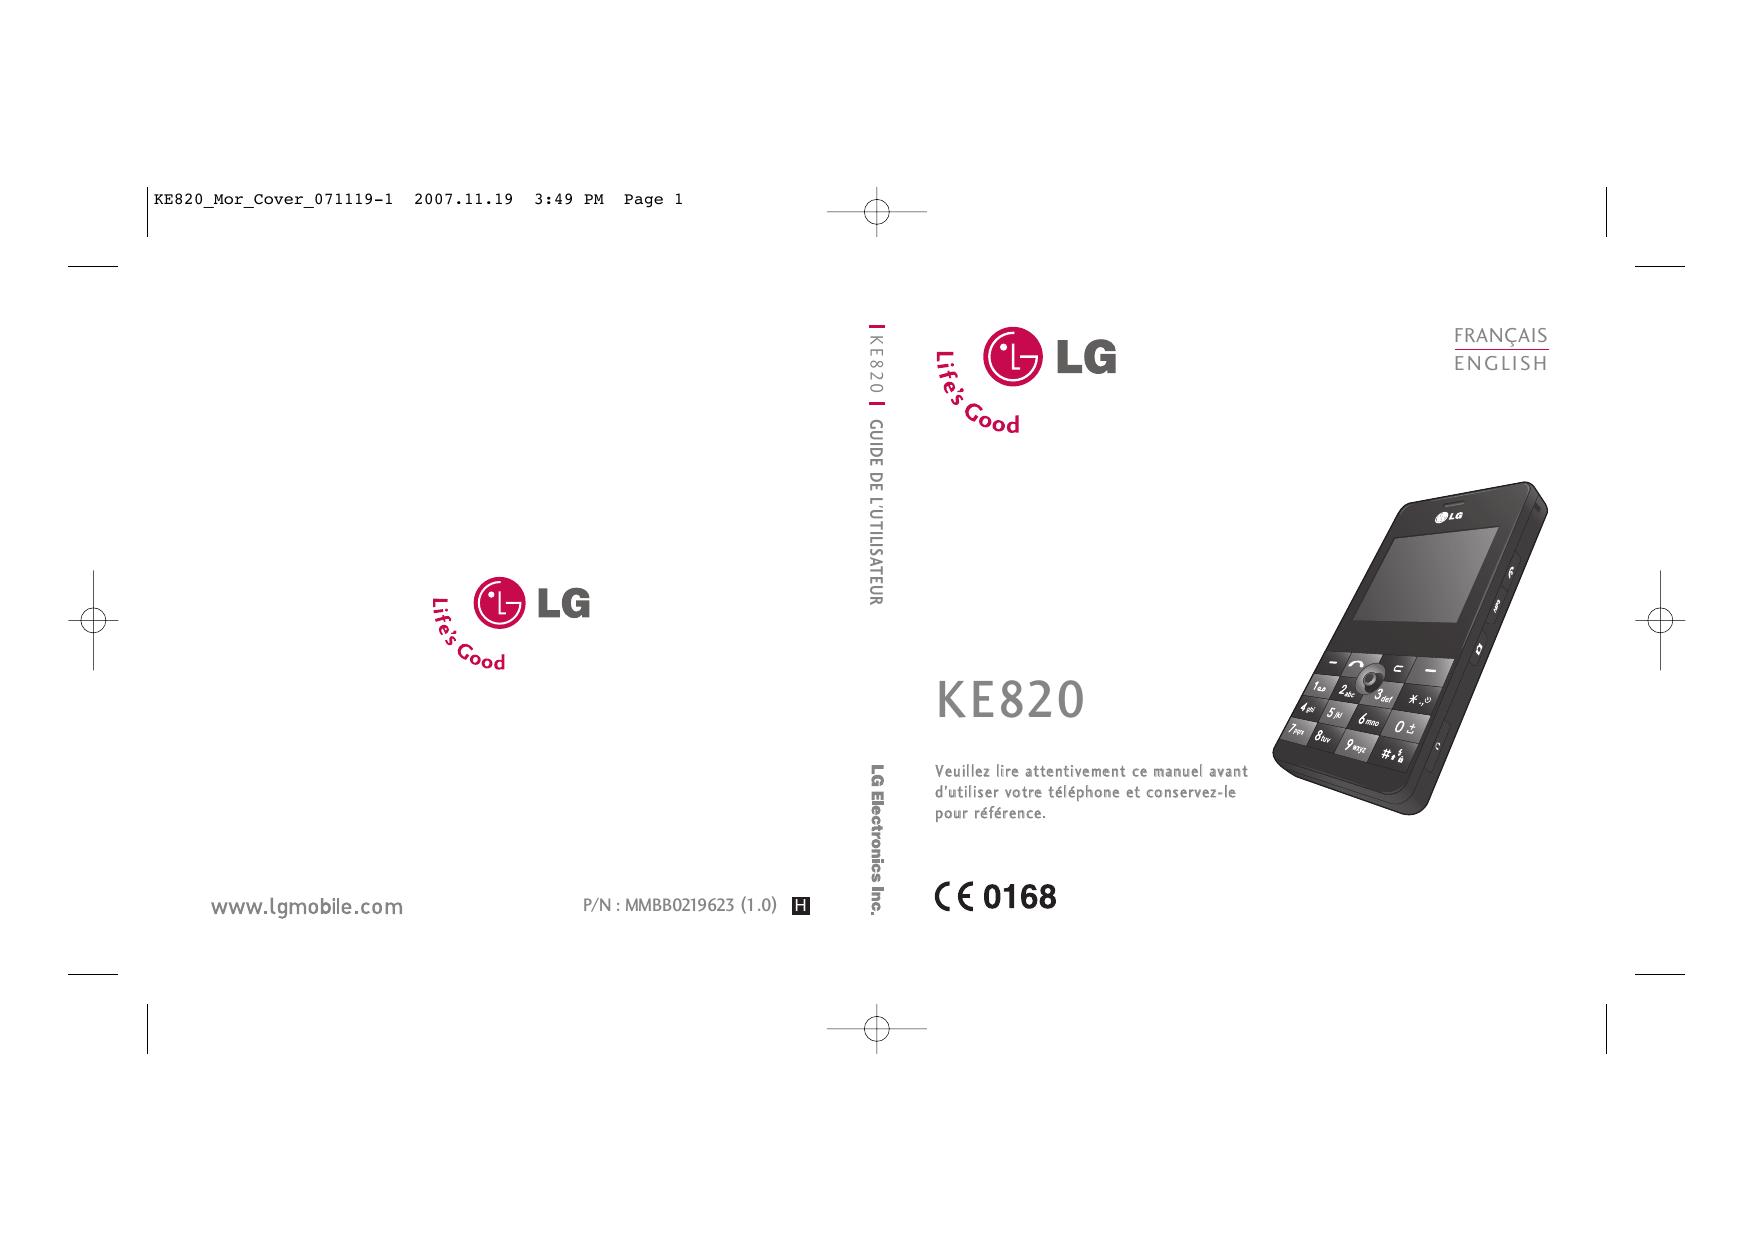 LG KE820.ASAUBK, KE820.ANLDBK, KE820.ASWEBK, KE820.ACISBK